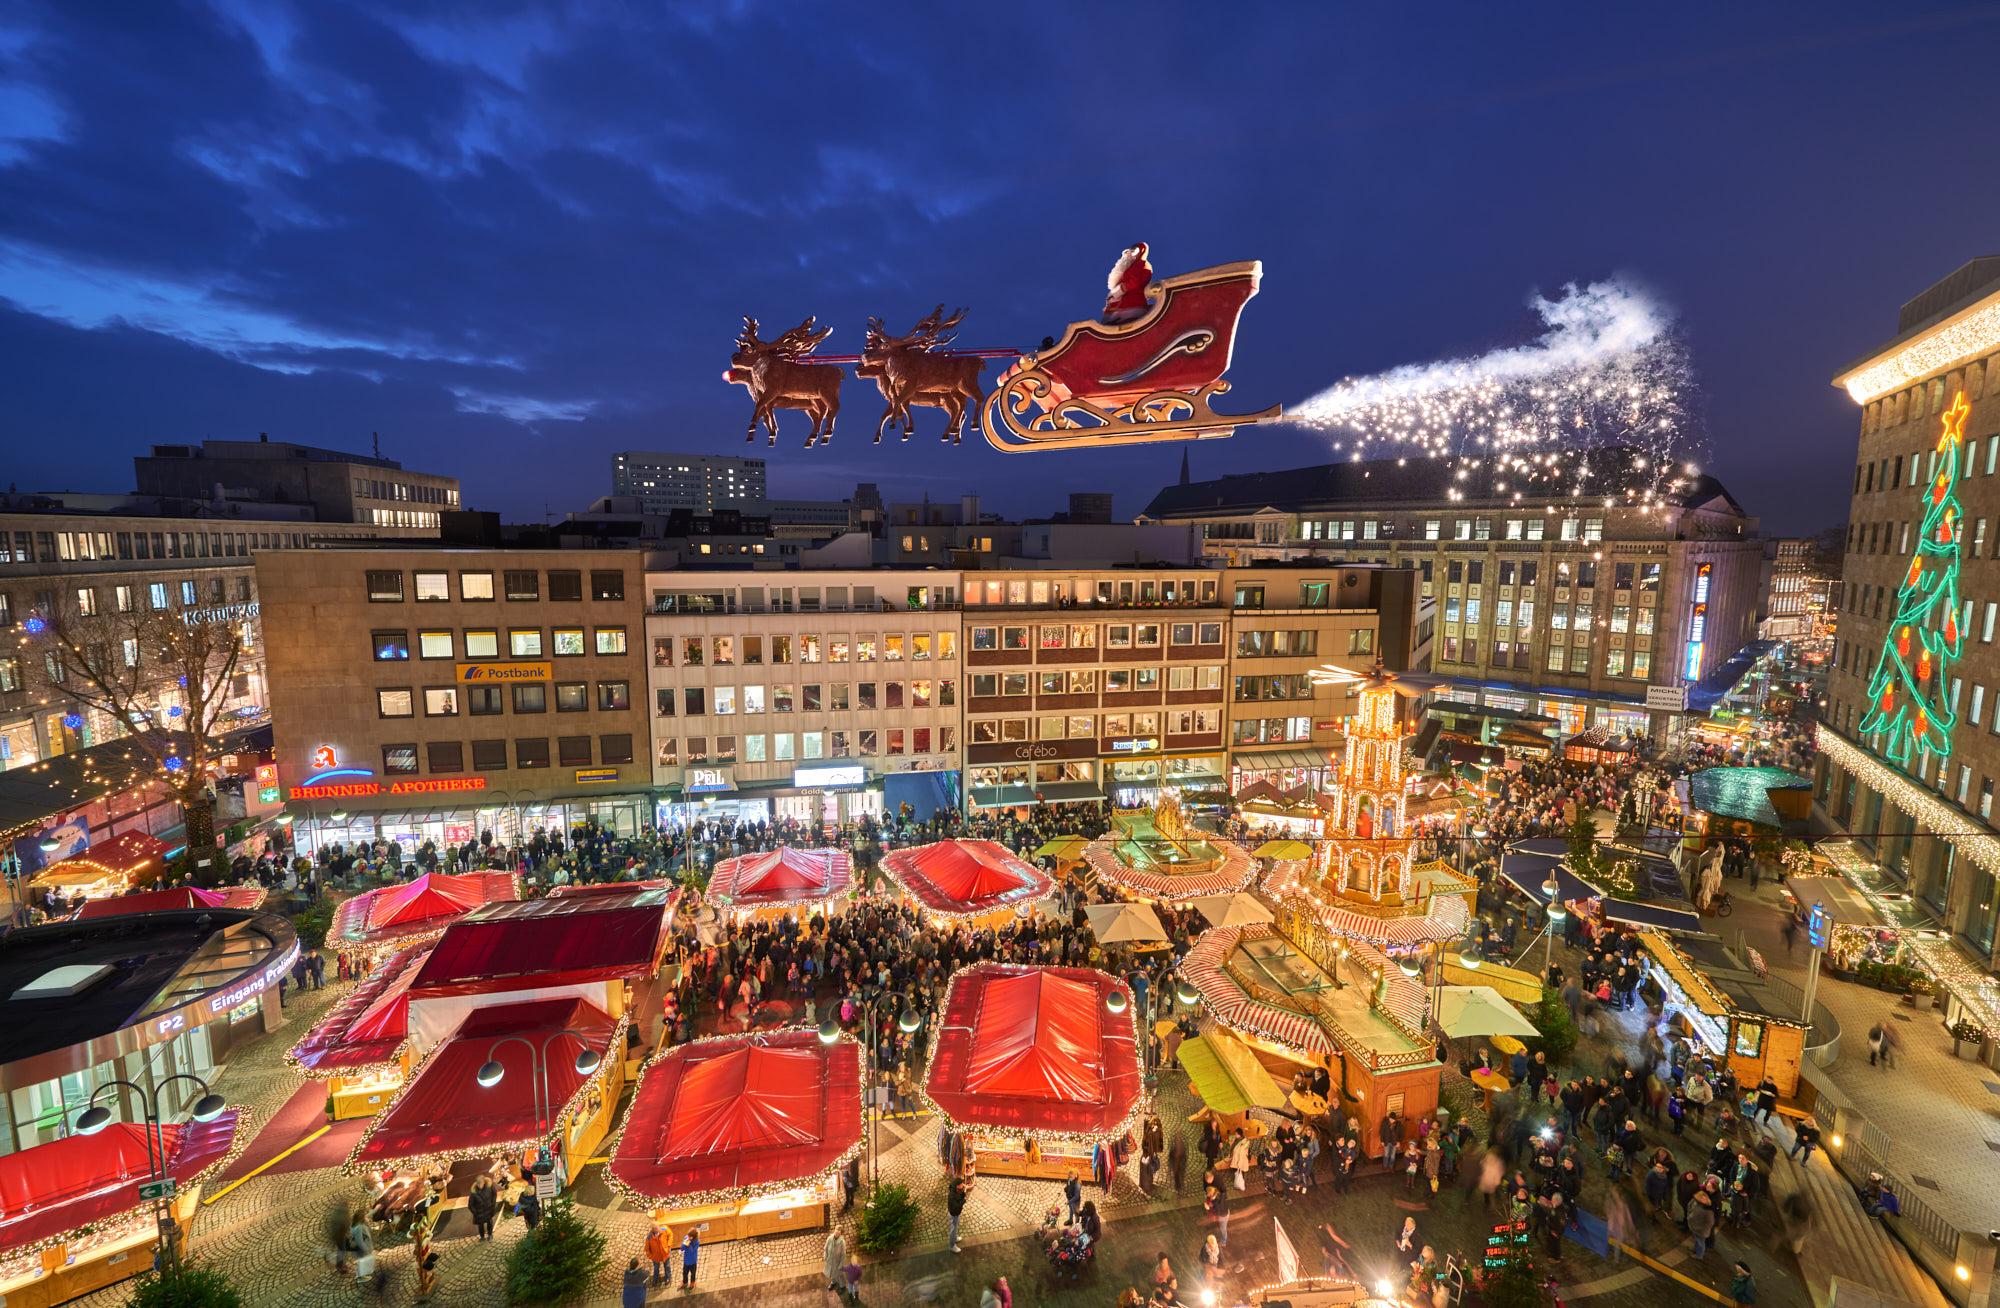 Das Bild zeigt den Weihnachtsmarkt in Bochum